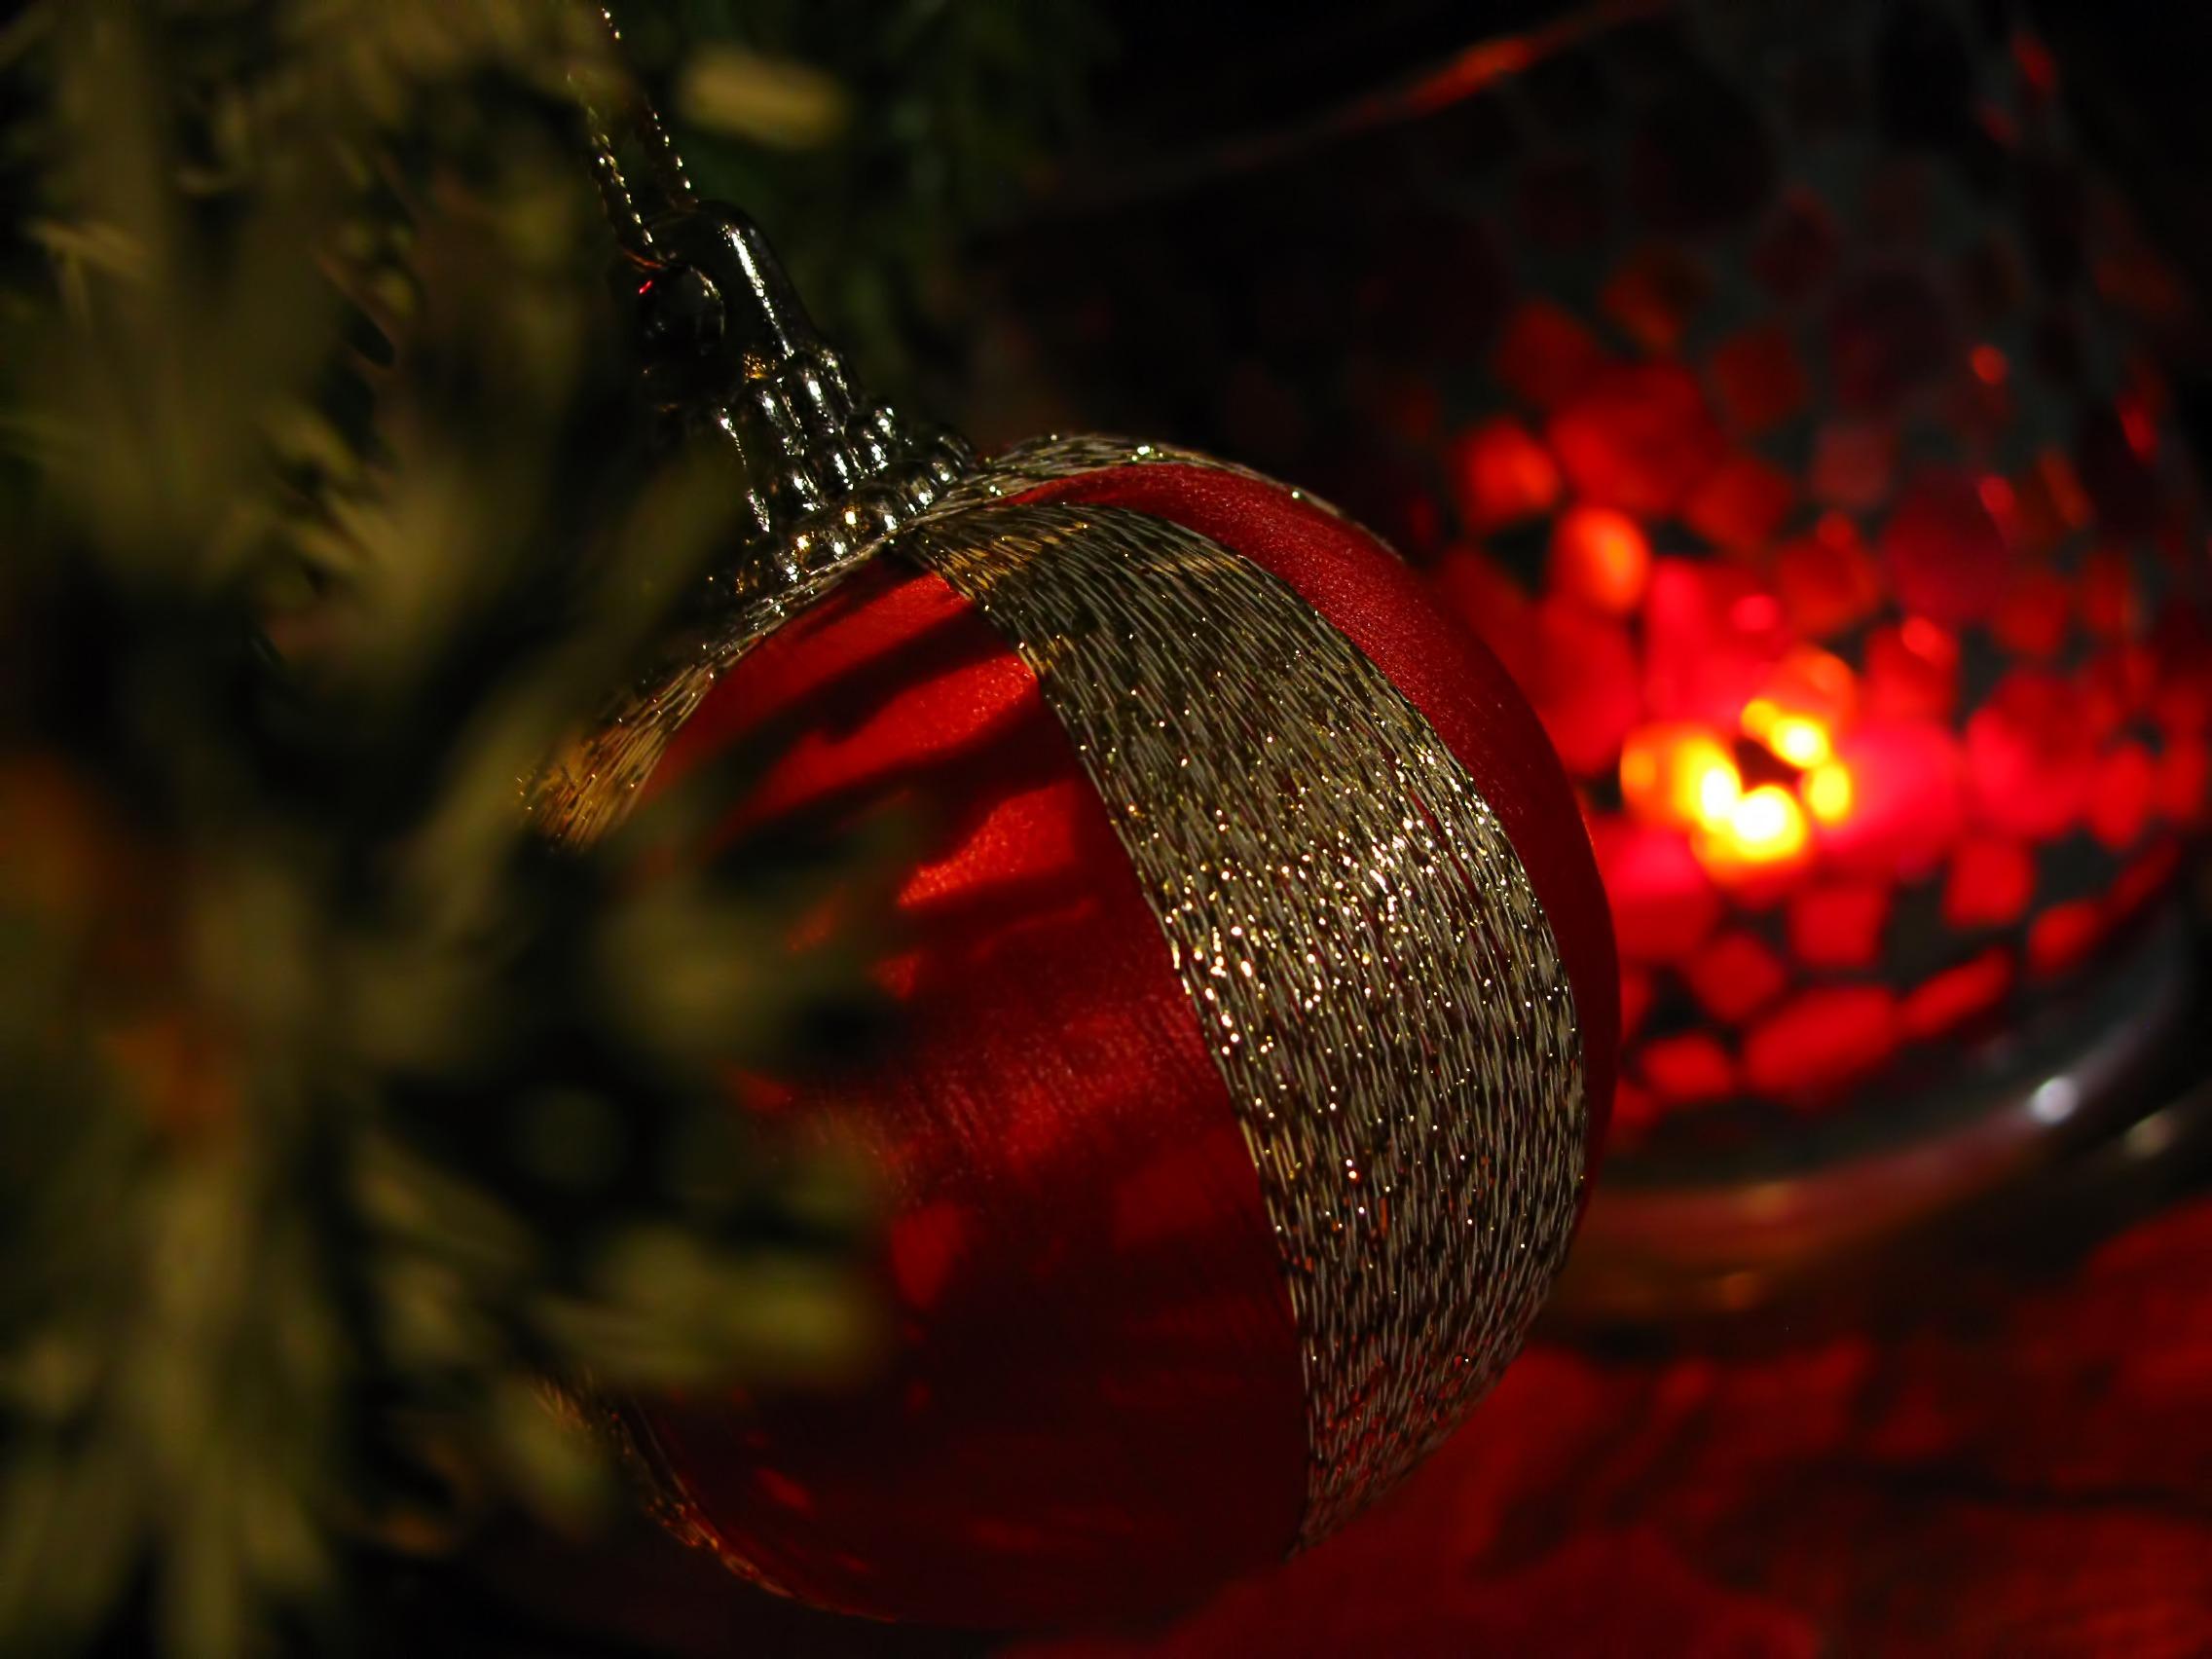 Fotos gratis : rama, ligero, noche, hoja, flor, pétalo, decoración ...